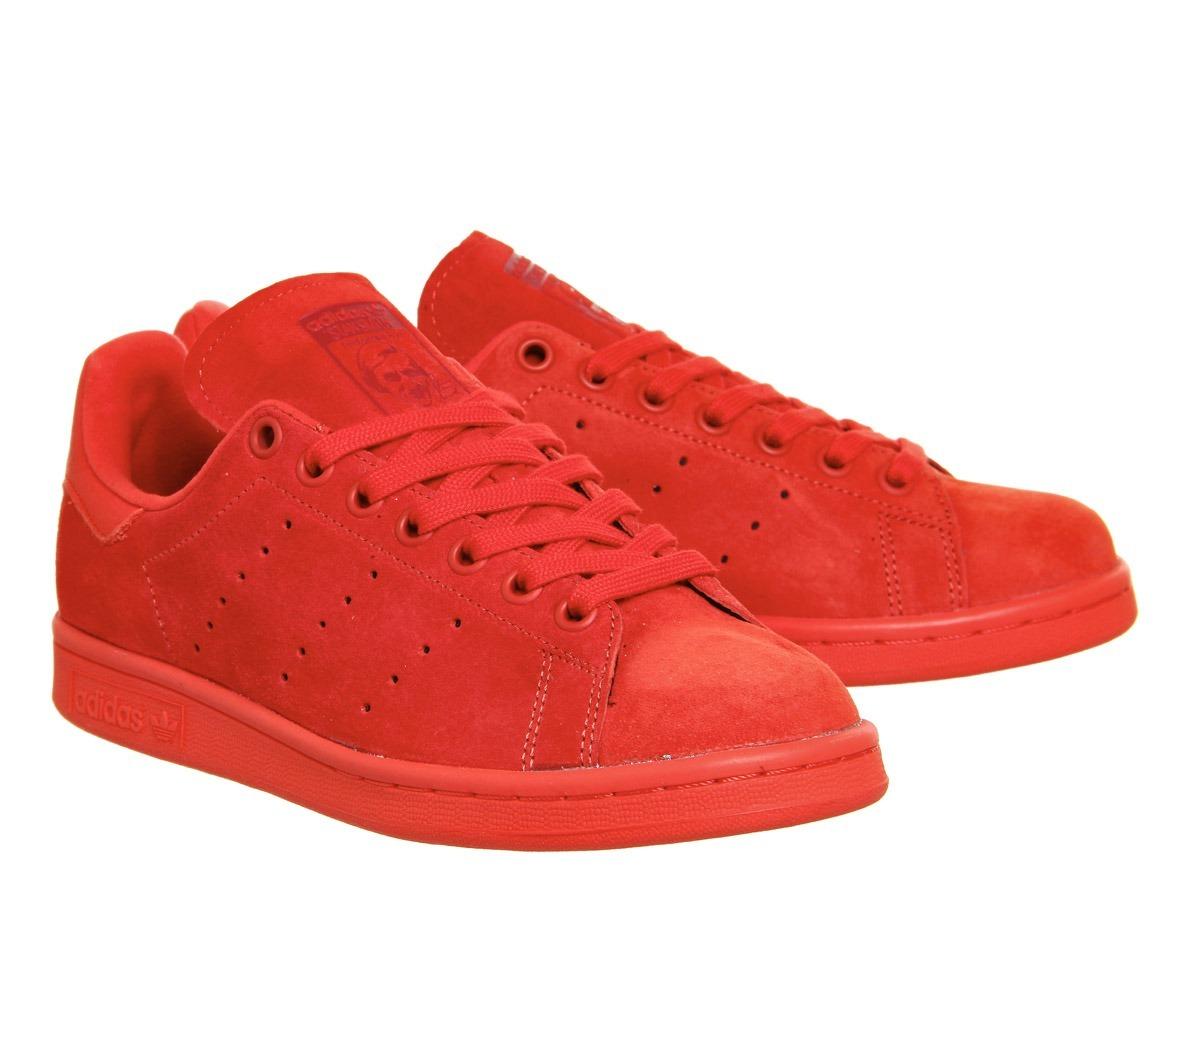 zapatillas adidas rojas stan smith